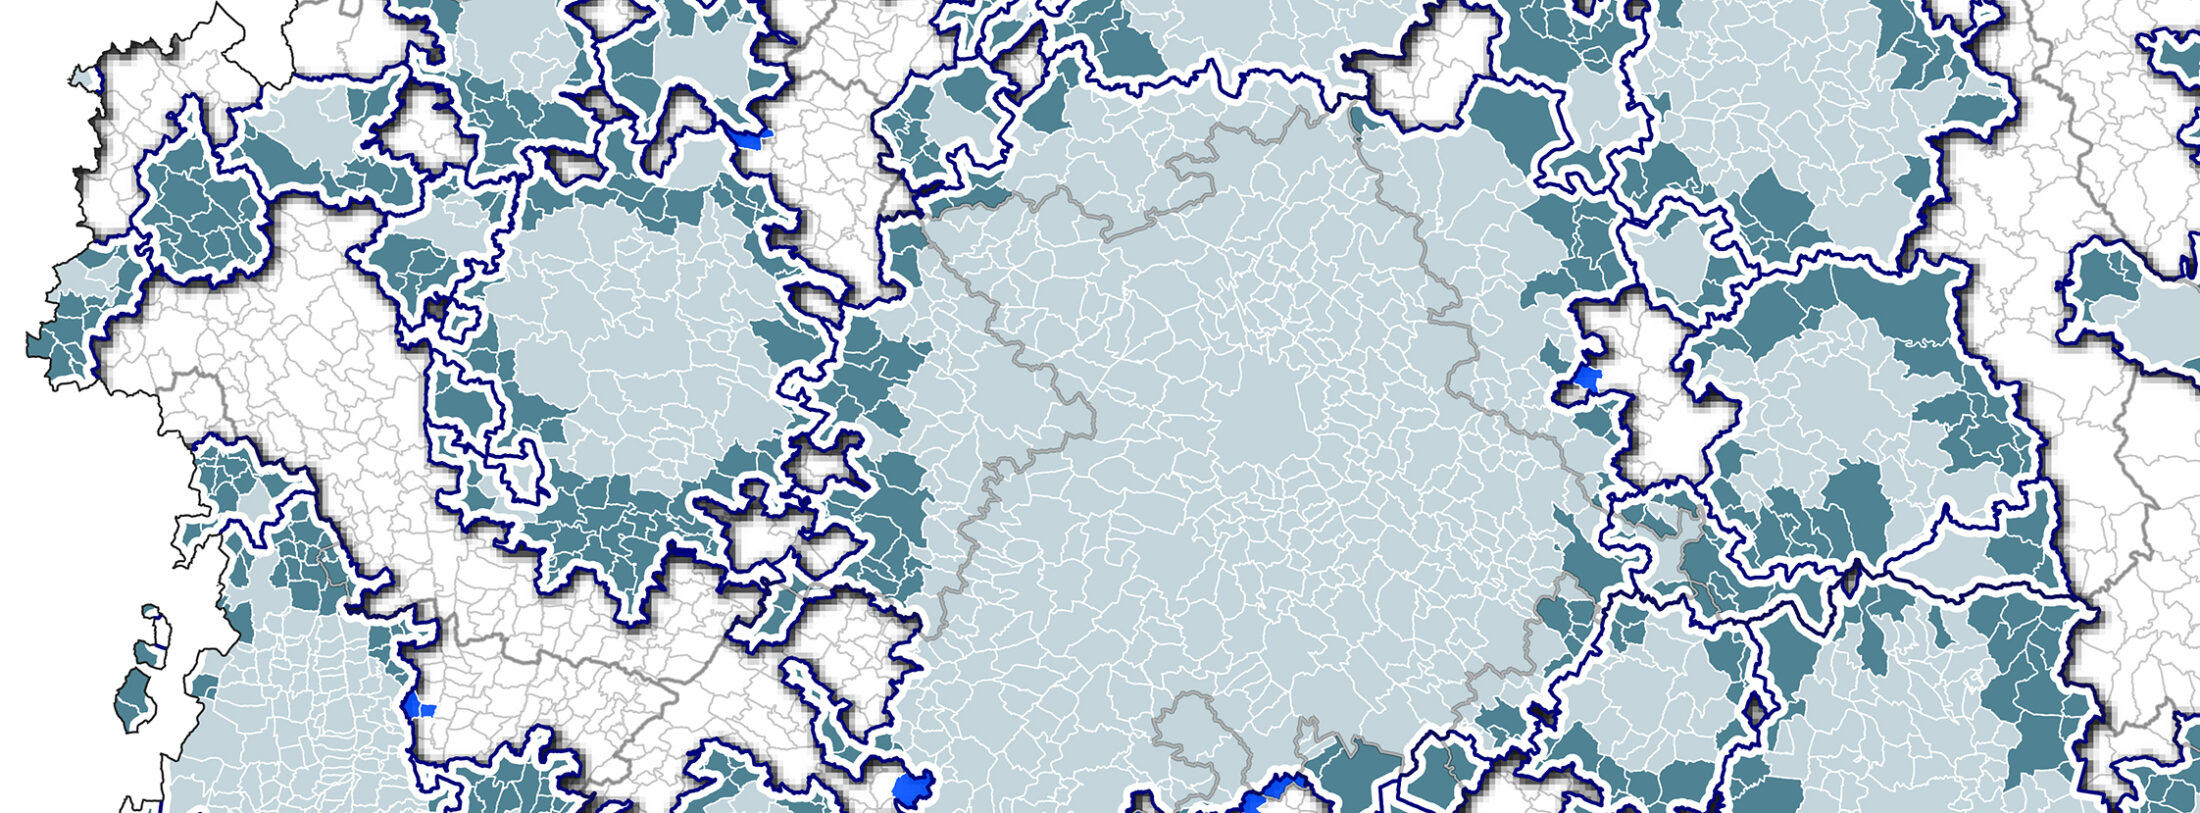 L'espace métropolitain toulousain : du réseau à la plaque